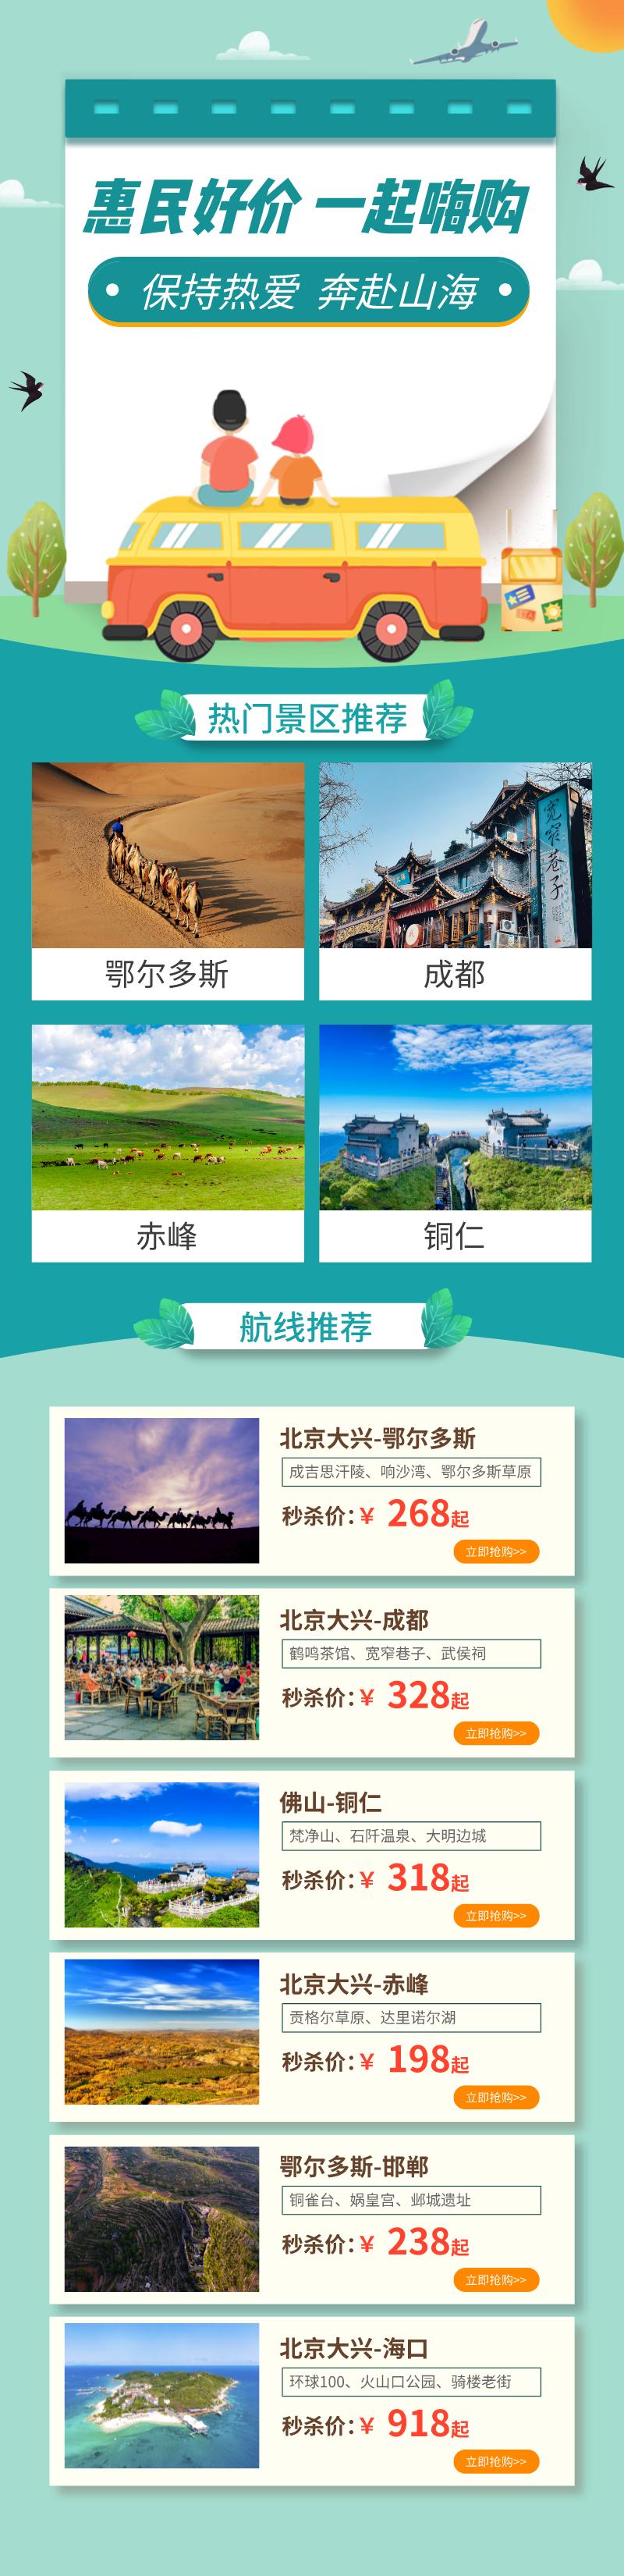 C:UsersAdministratorDesktop微信图片_20210824155134.png